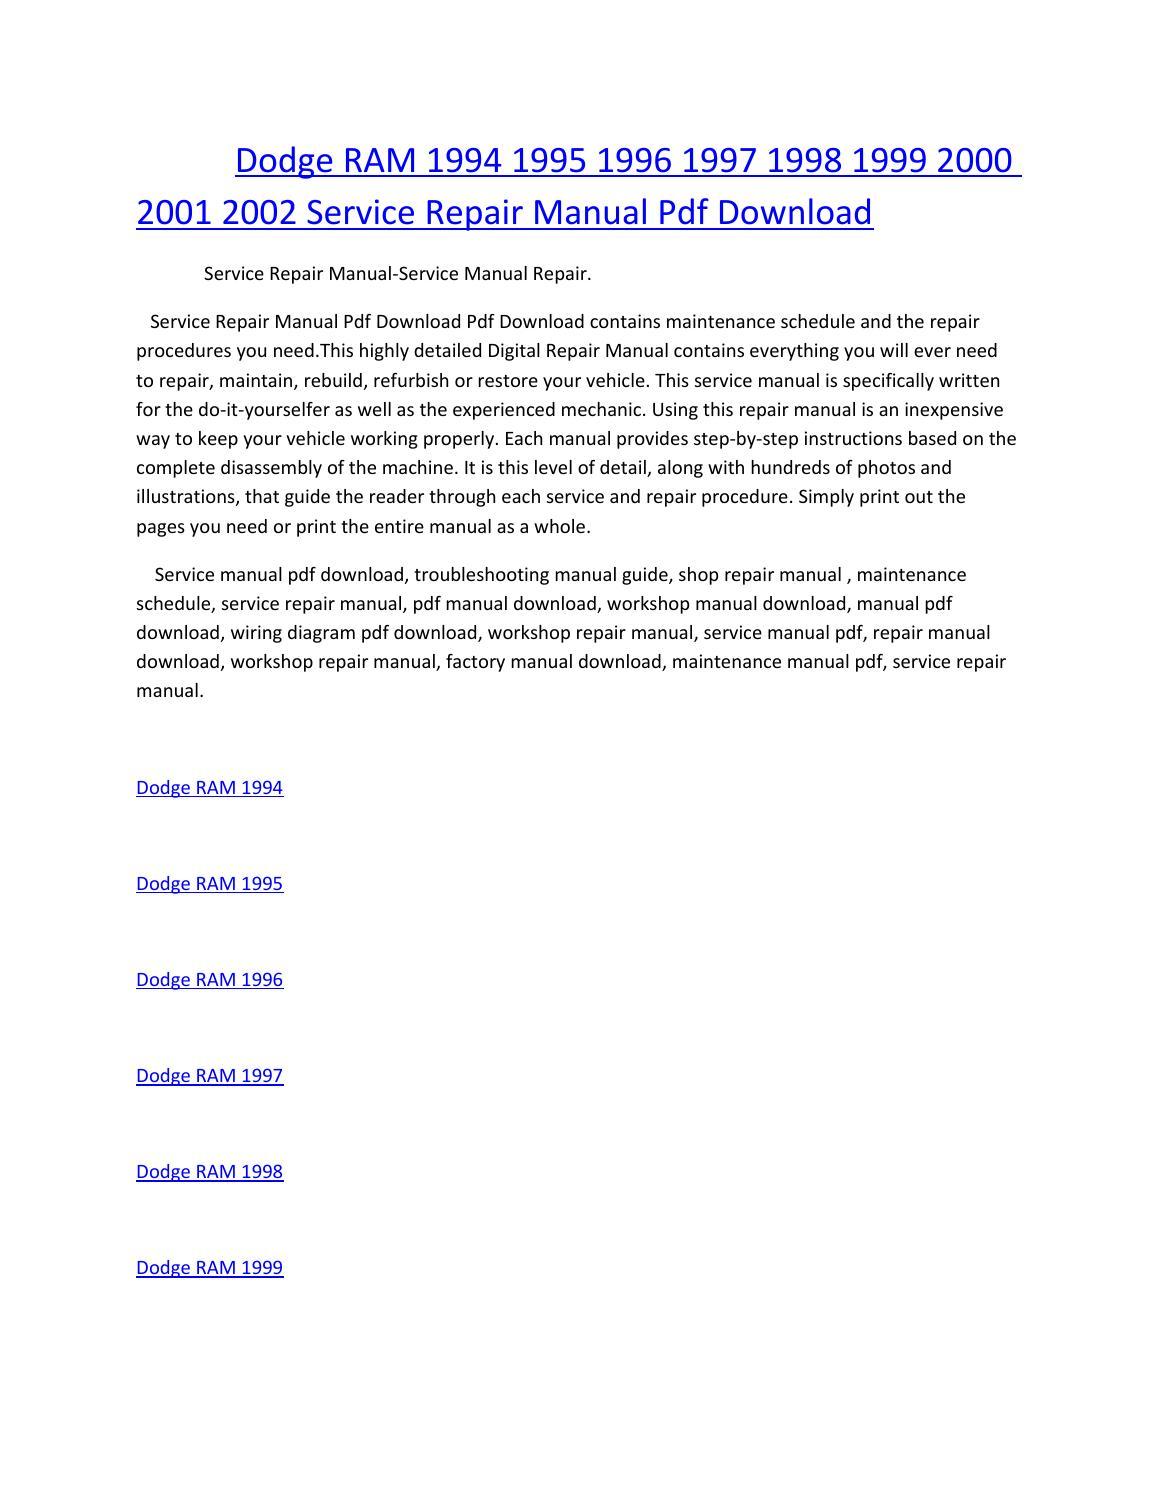 Dodge ram 1994 1995 1996 1997 1998 1999 2000 2001 2002 service manual  repair pdf download by amurgului - issuu